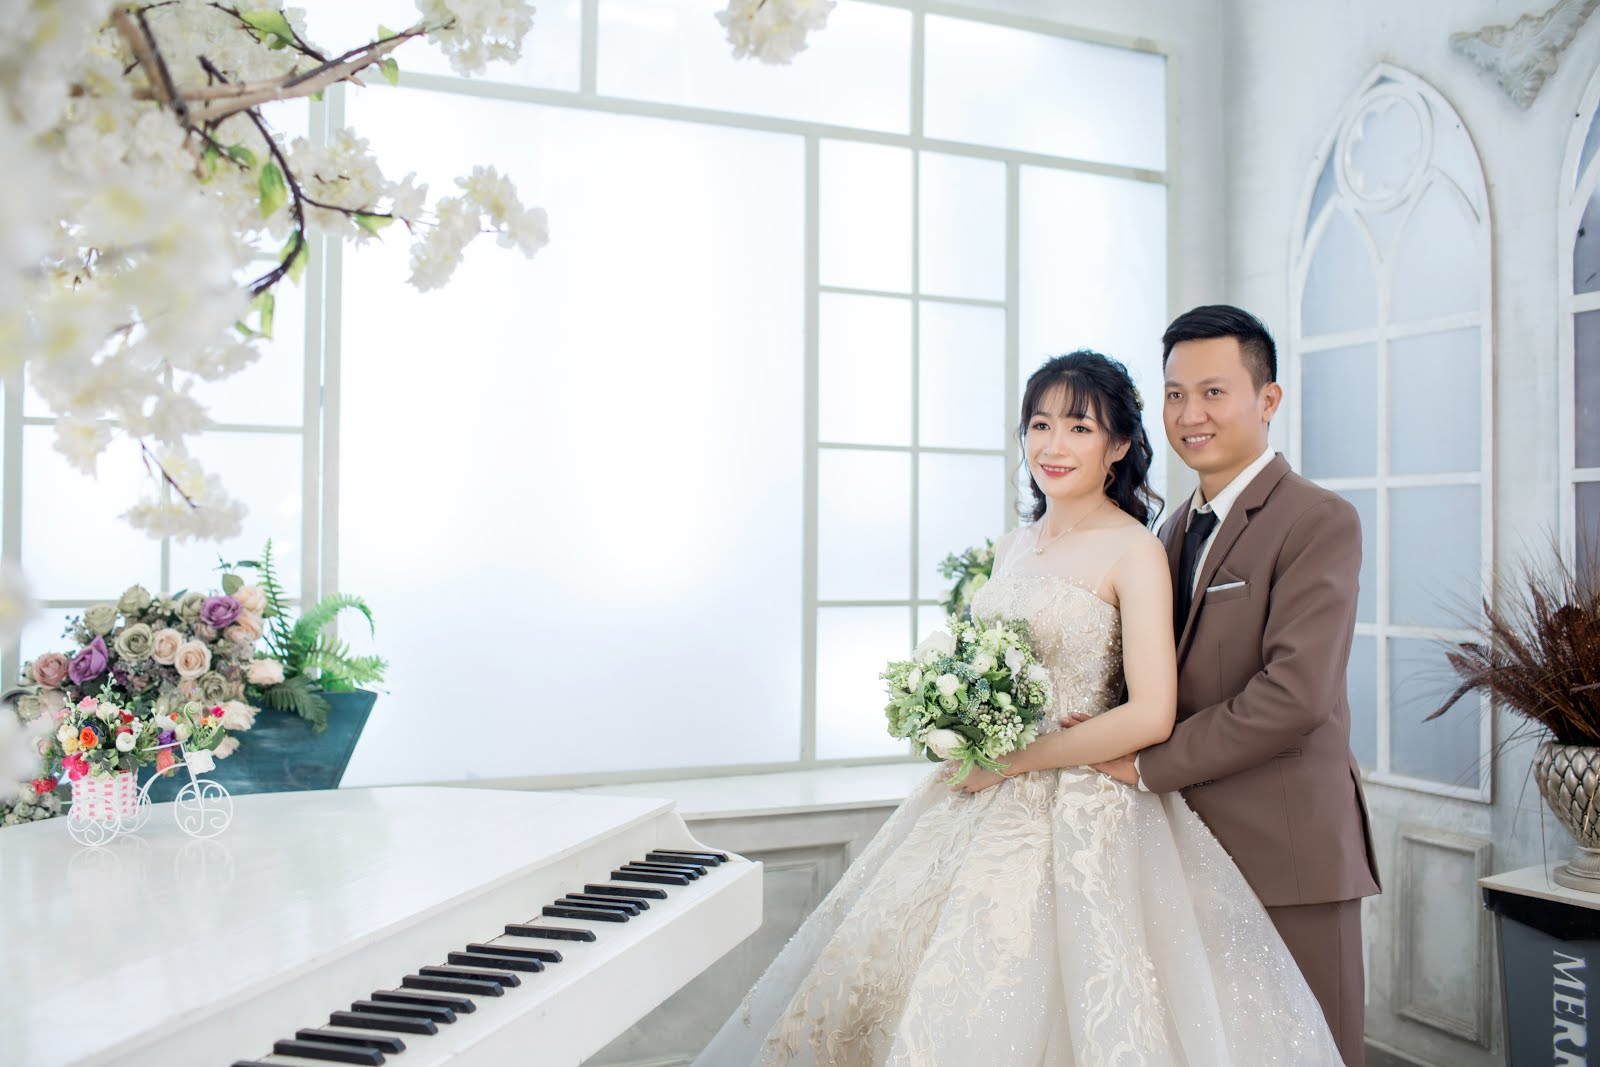 Chụp ảnh cưới Phim Trường - Phan Thiết